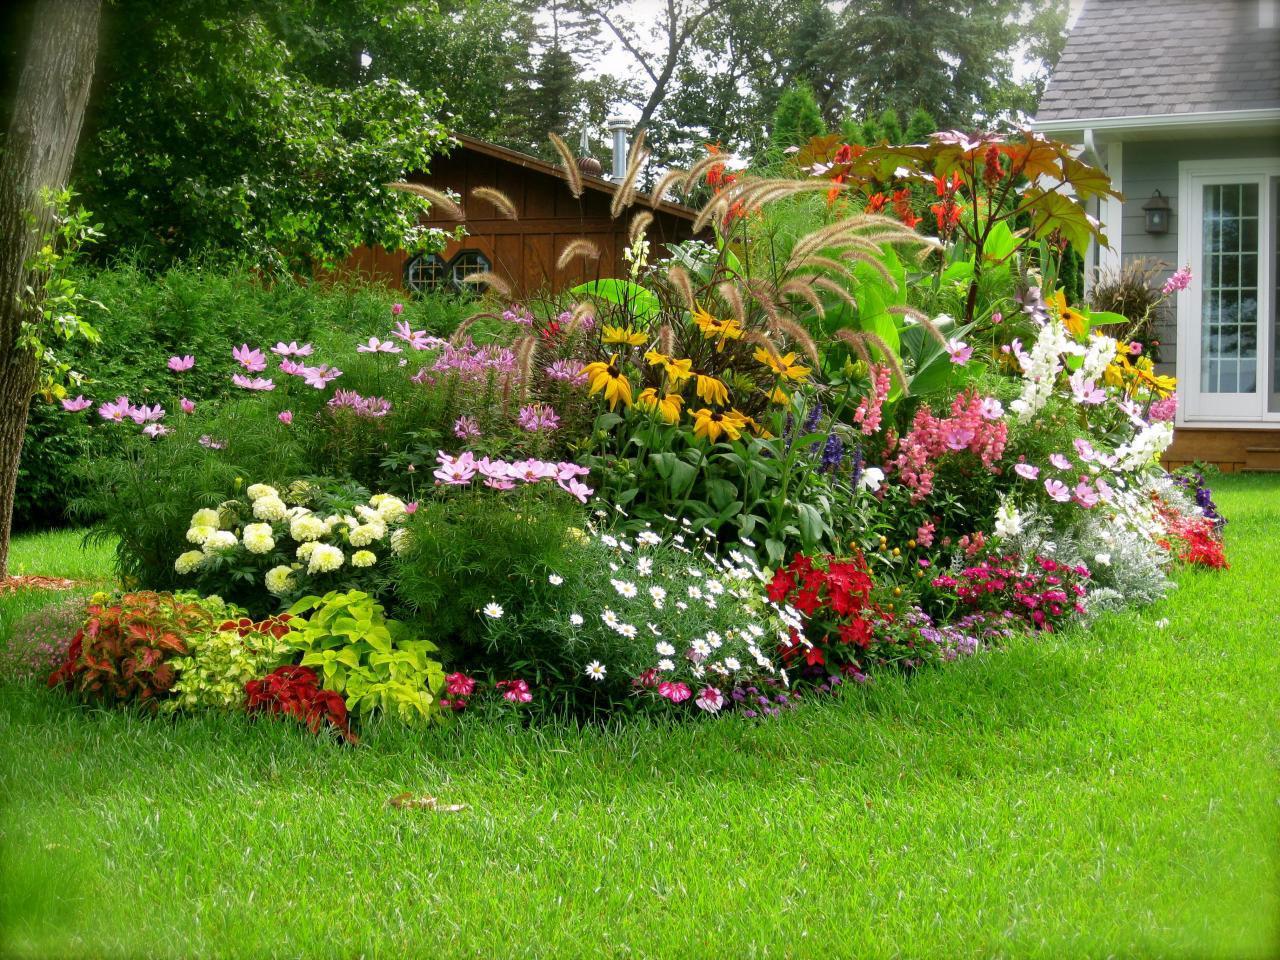 ... keď záhrada rozkvitne ... - Obrázok č. 3